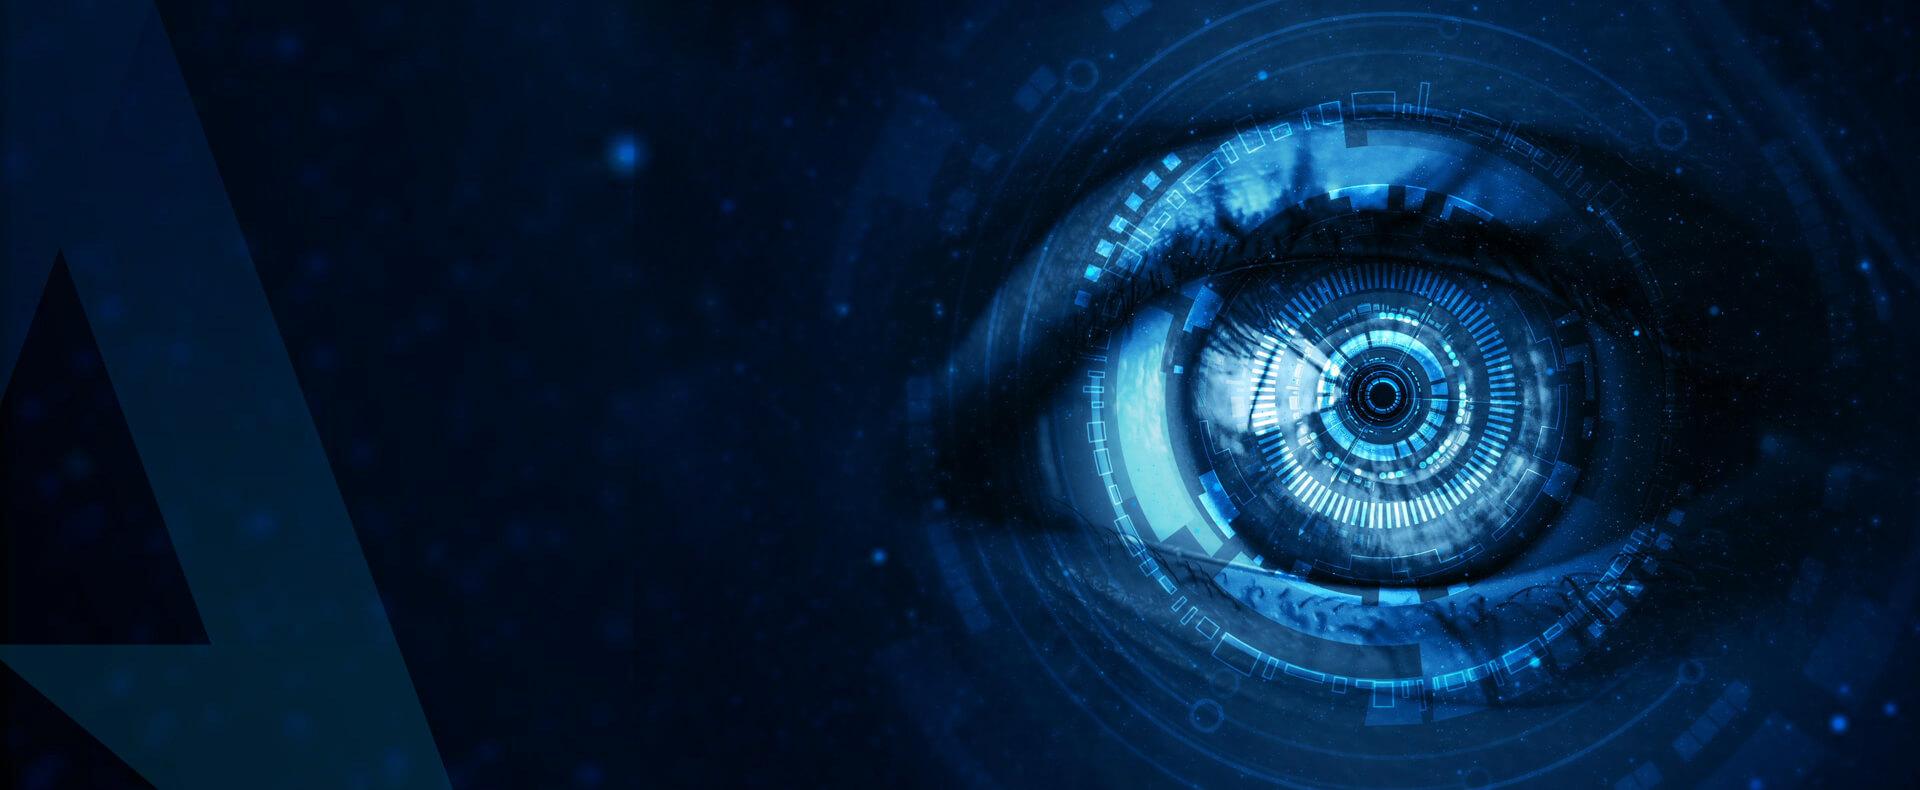 Benvenuto  in un ambiente protetto  con Cyber Sanity Check